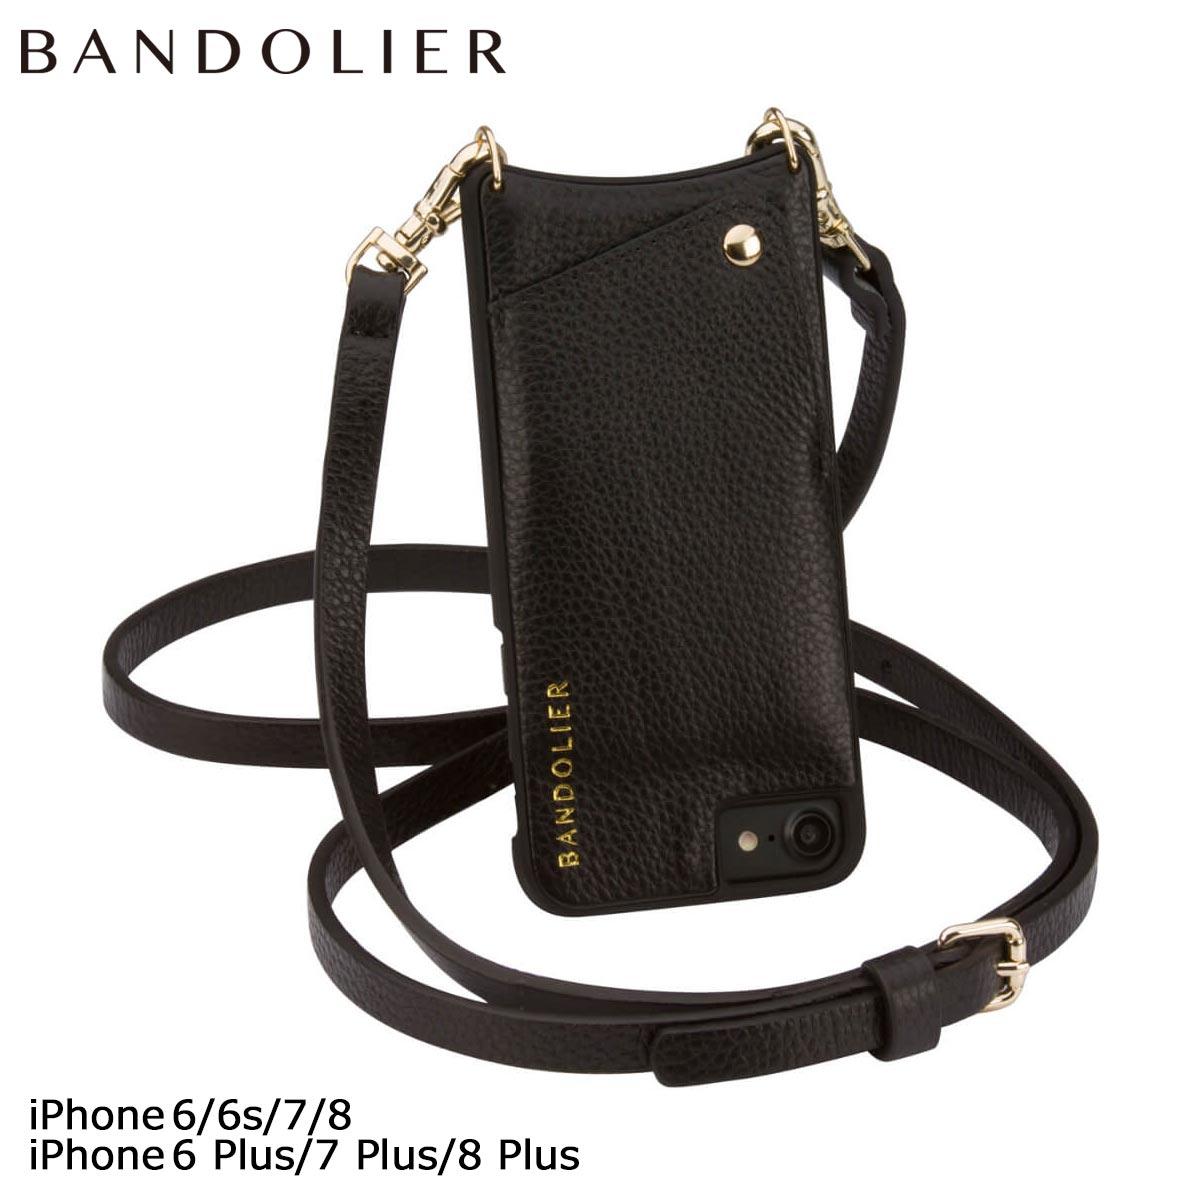 BANDOLIER iPhone8 iPhone7 7Plus 6s EMMA バンドリヤー ケース スマホ アイフォン プラス レザー メンズ レディース [4/18 再入荷][194]